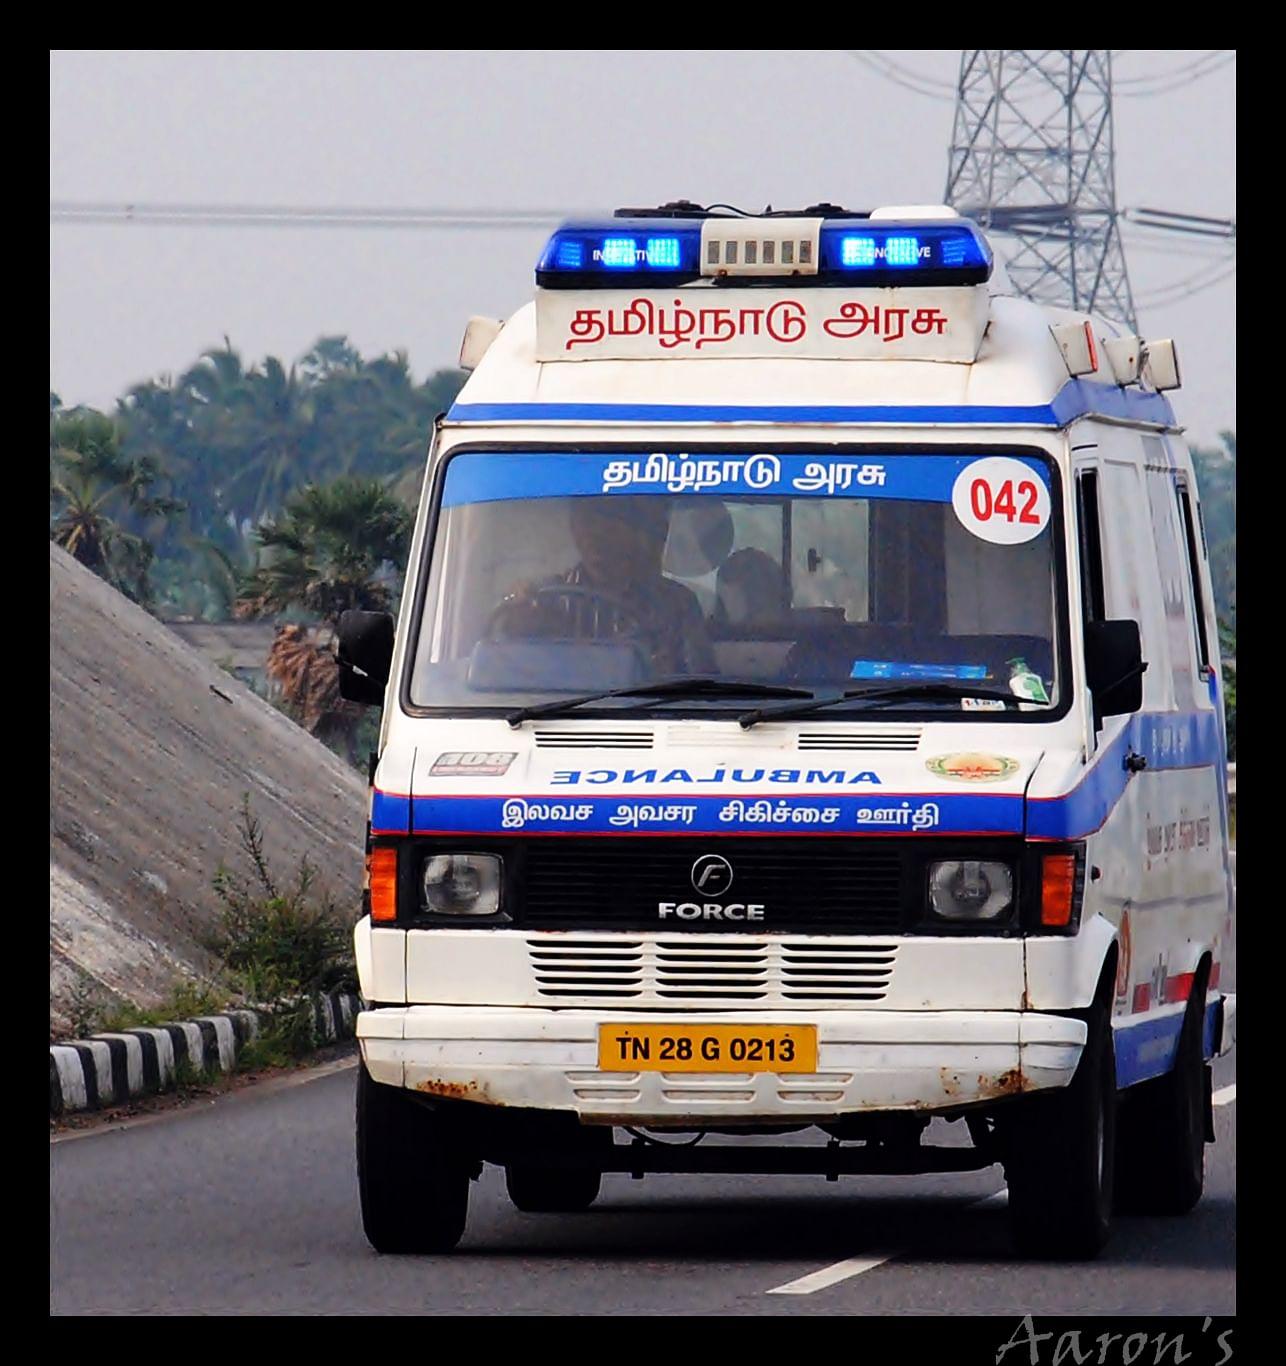 The_108_Ambulance